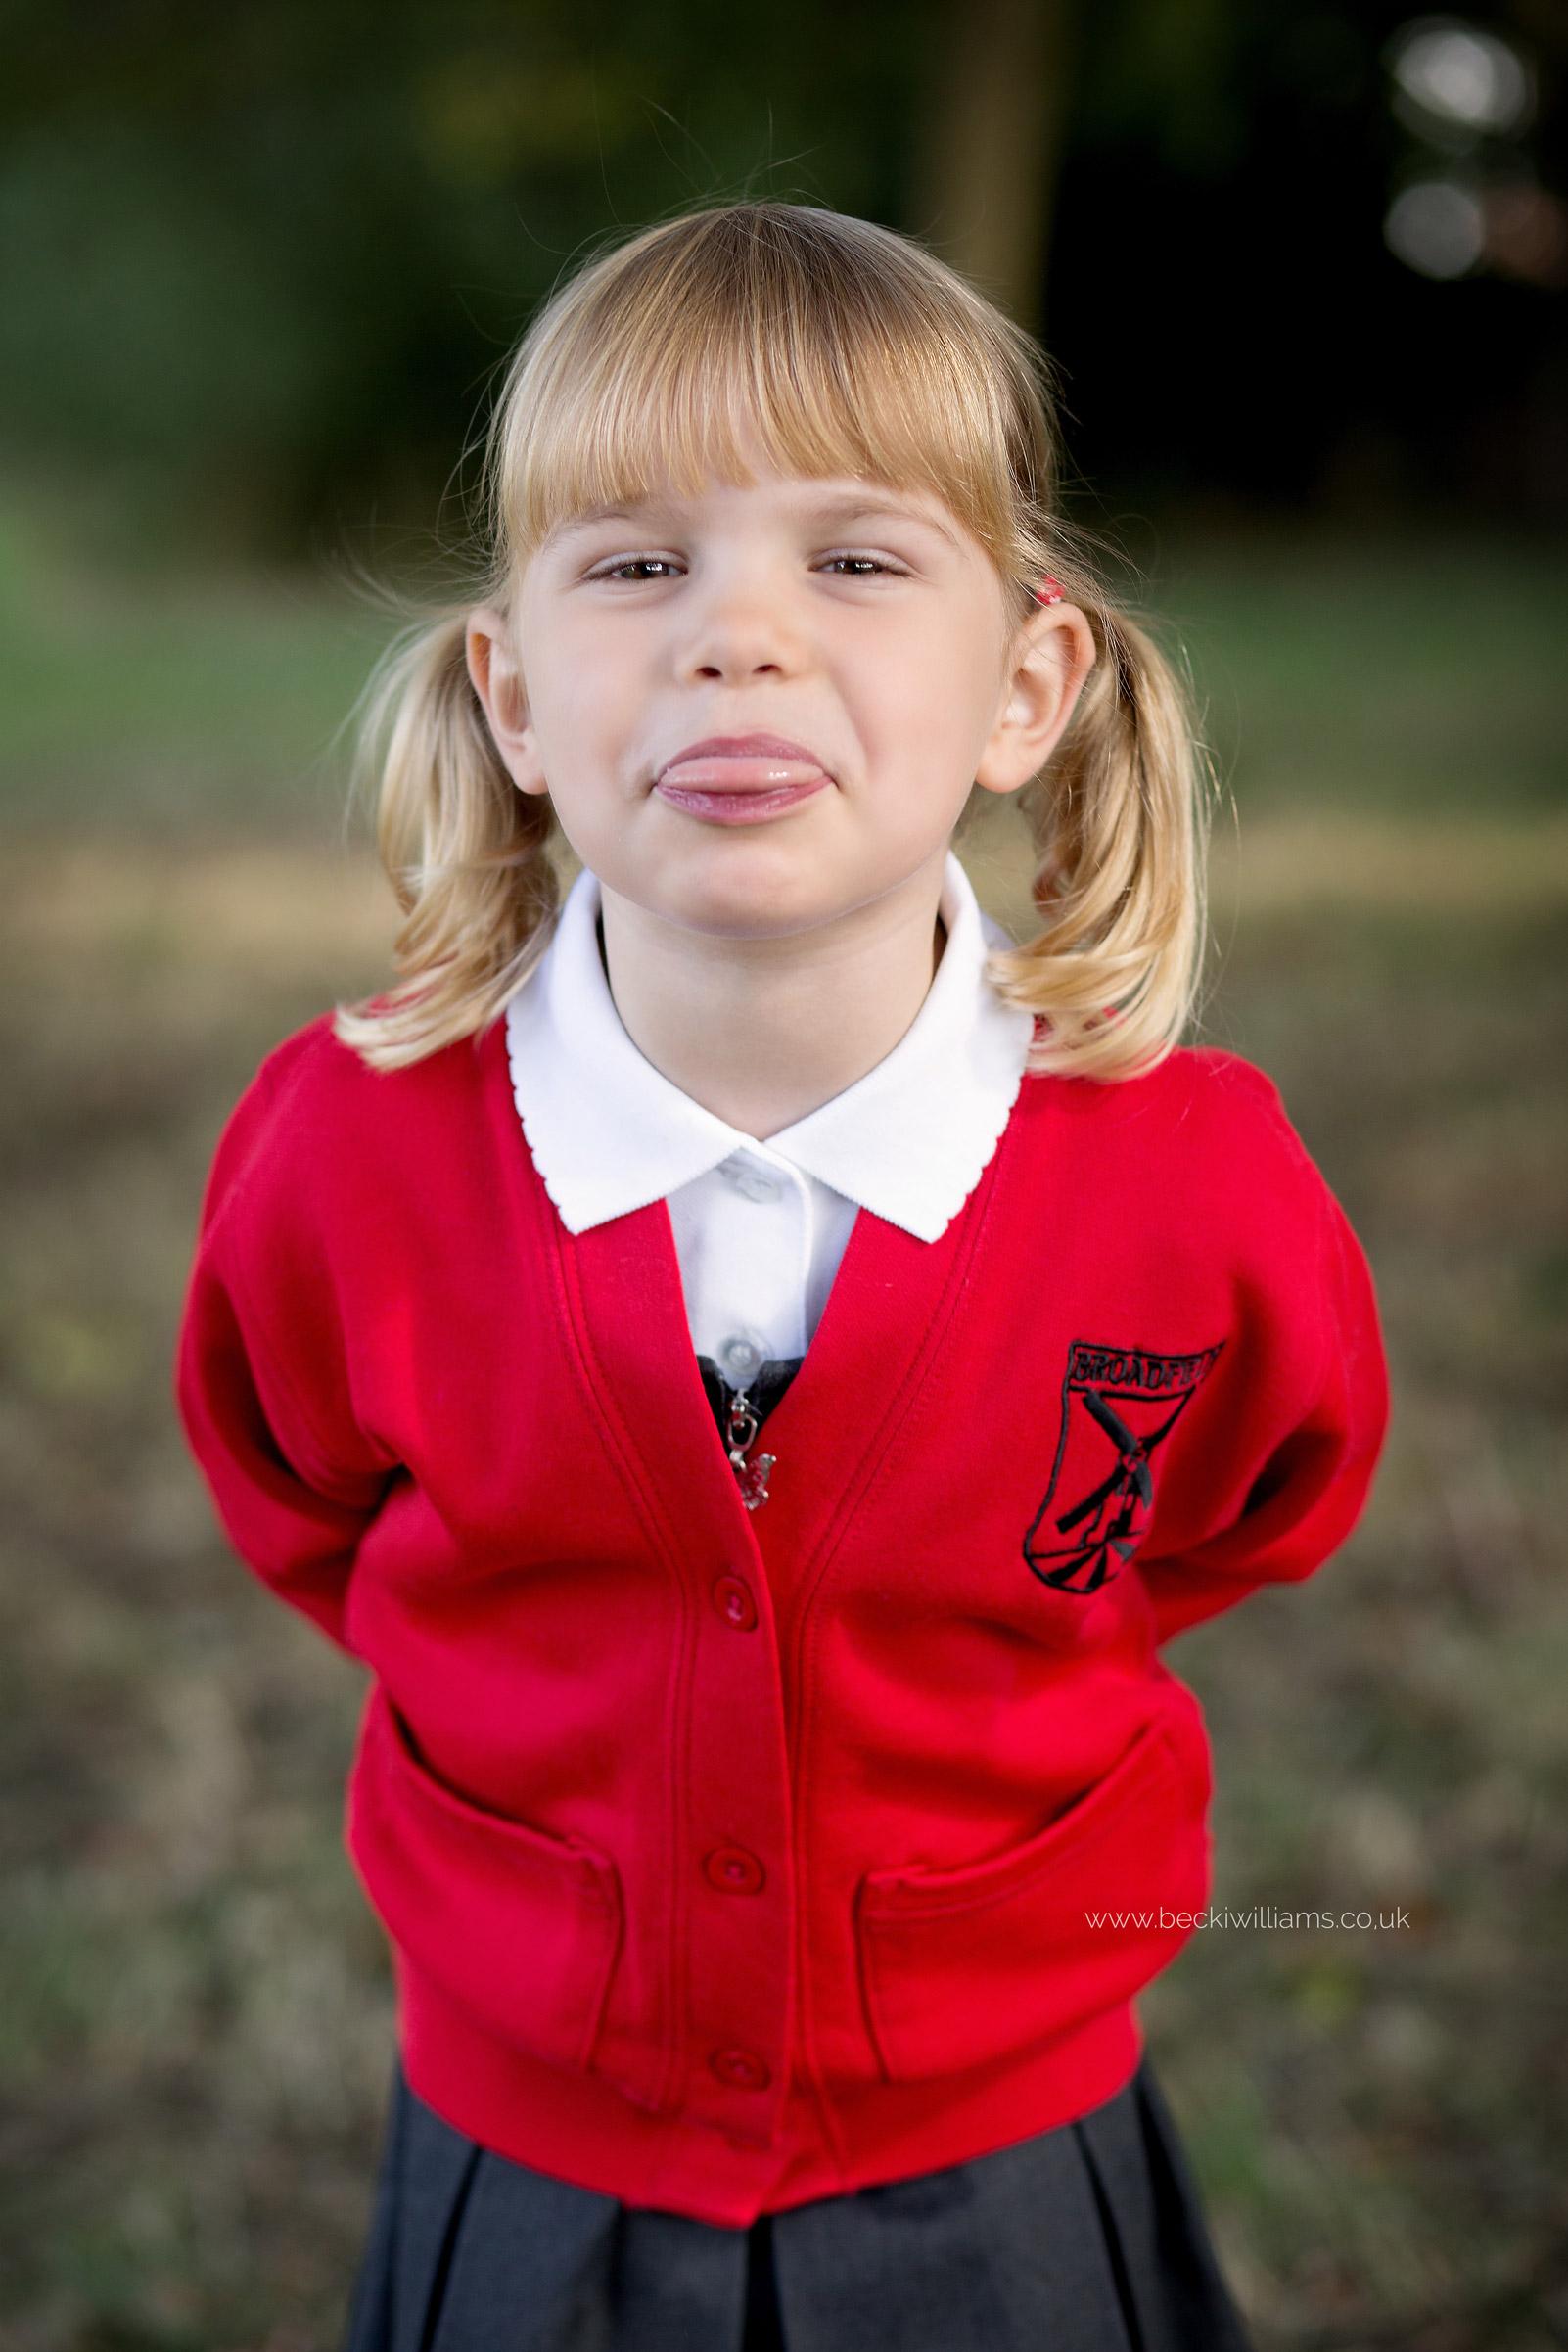 school-photos-in-Hertfordshire-3.jpg